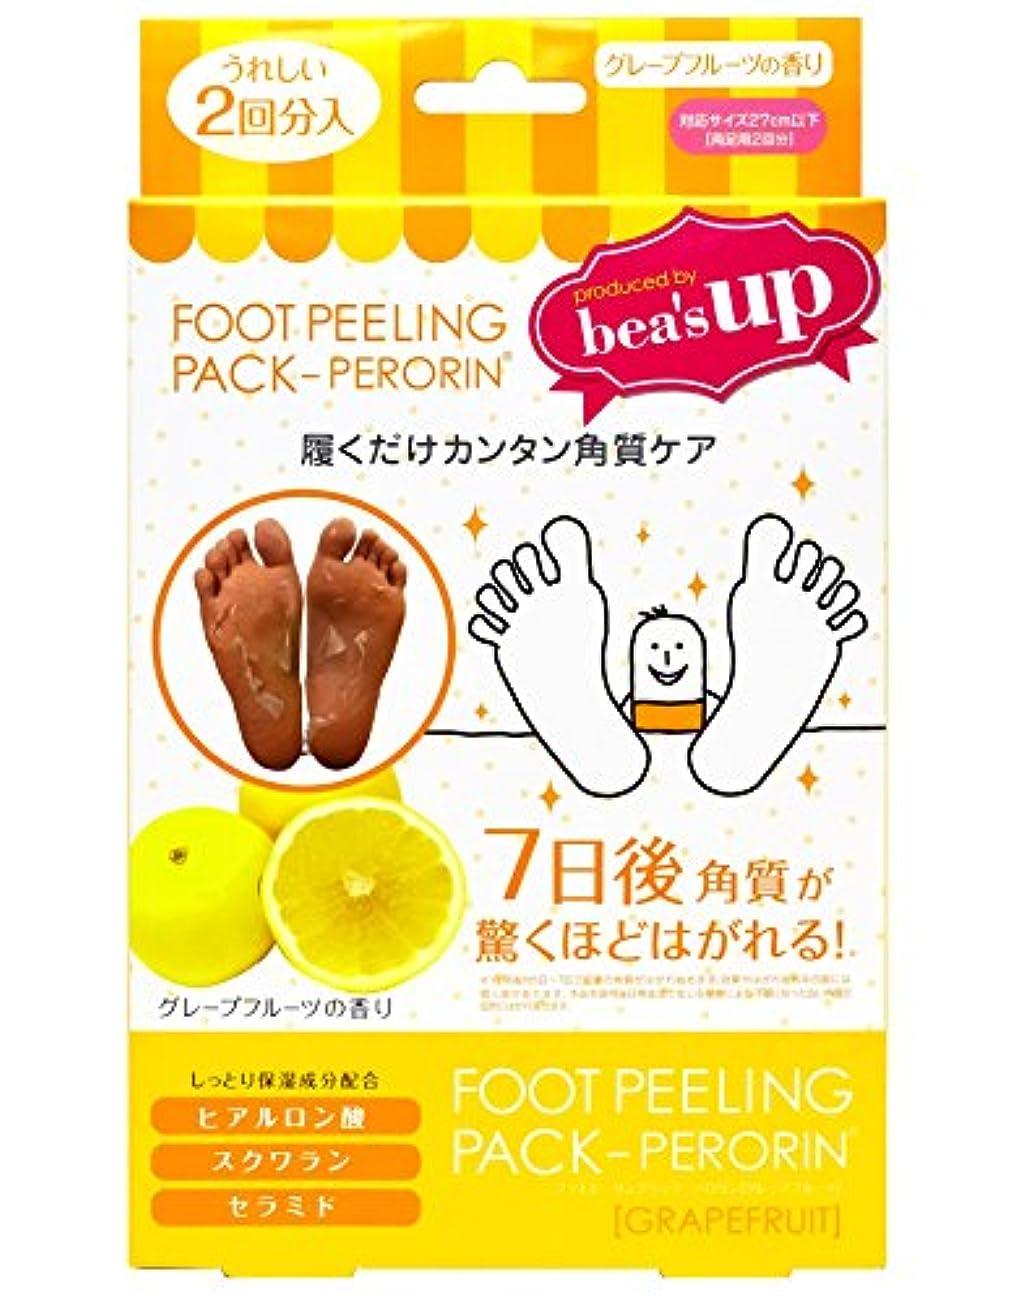 コットンダイエット内訳Bea's upペロリン2回分(グレープフルーツ)